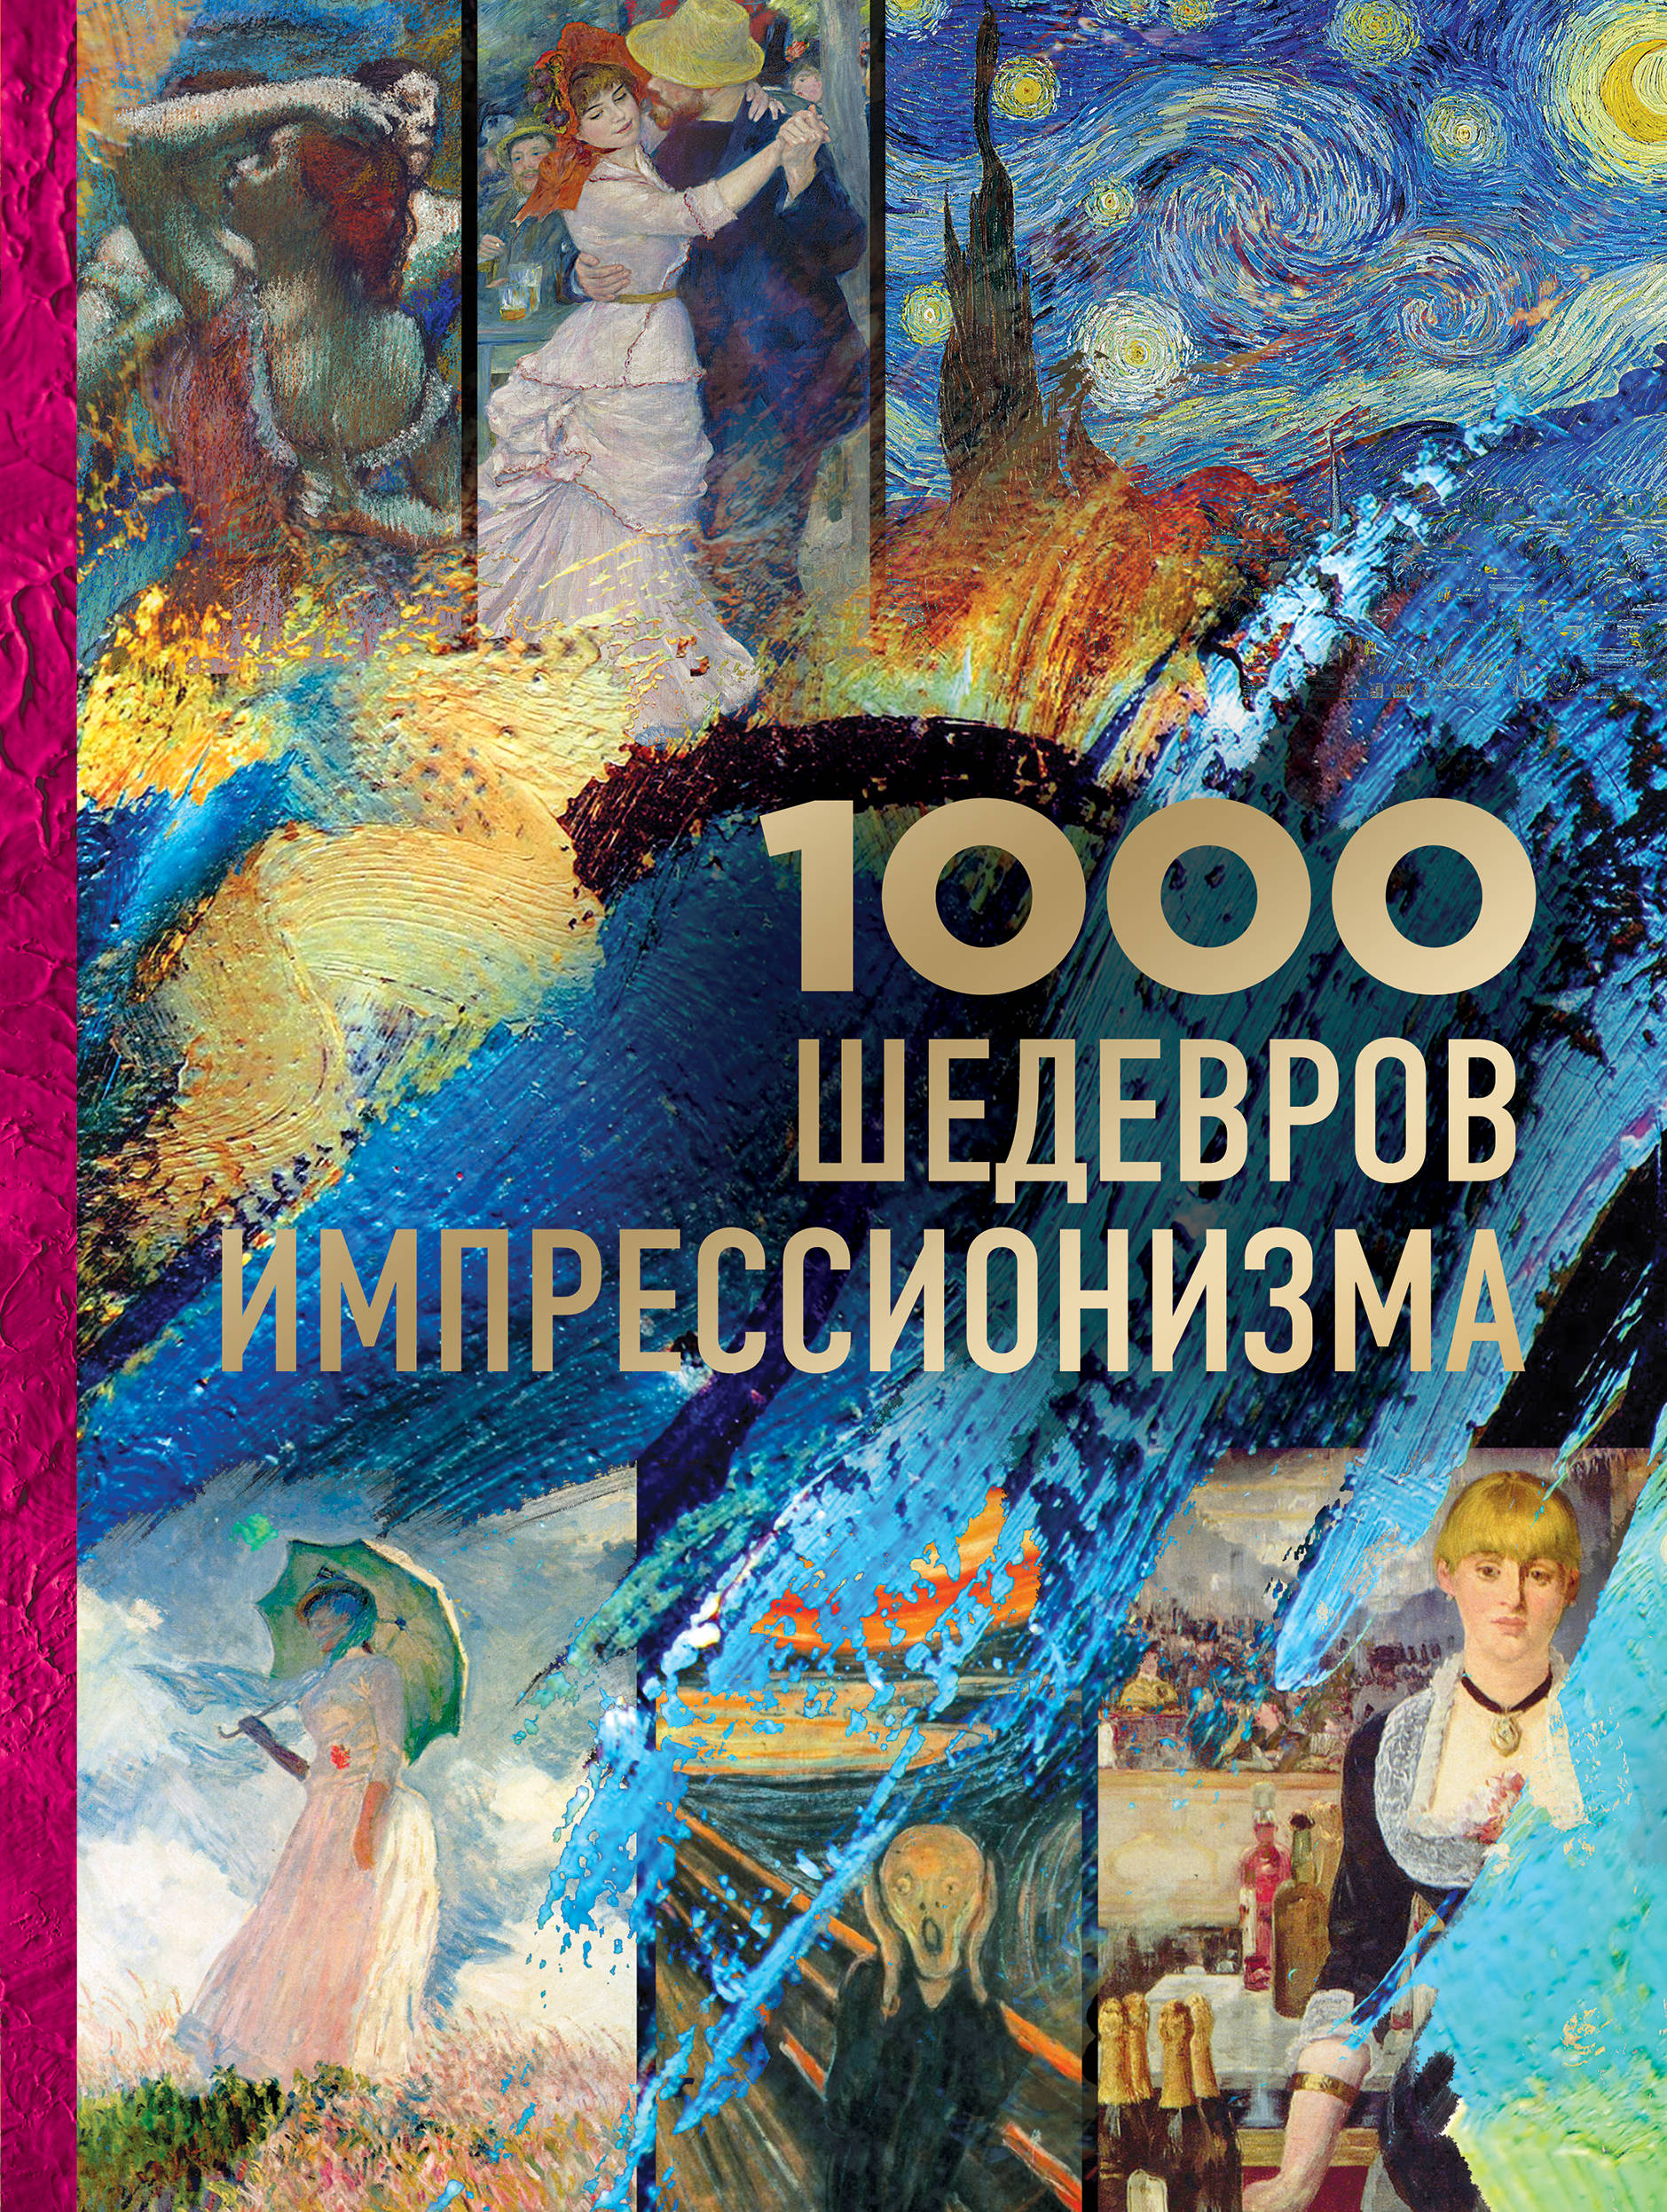 Валерия Черепенчук 1000 шедевров импрессионизма